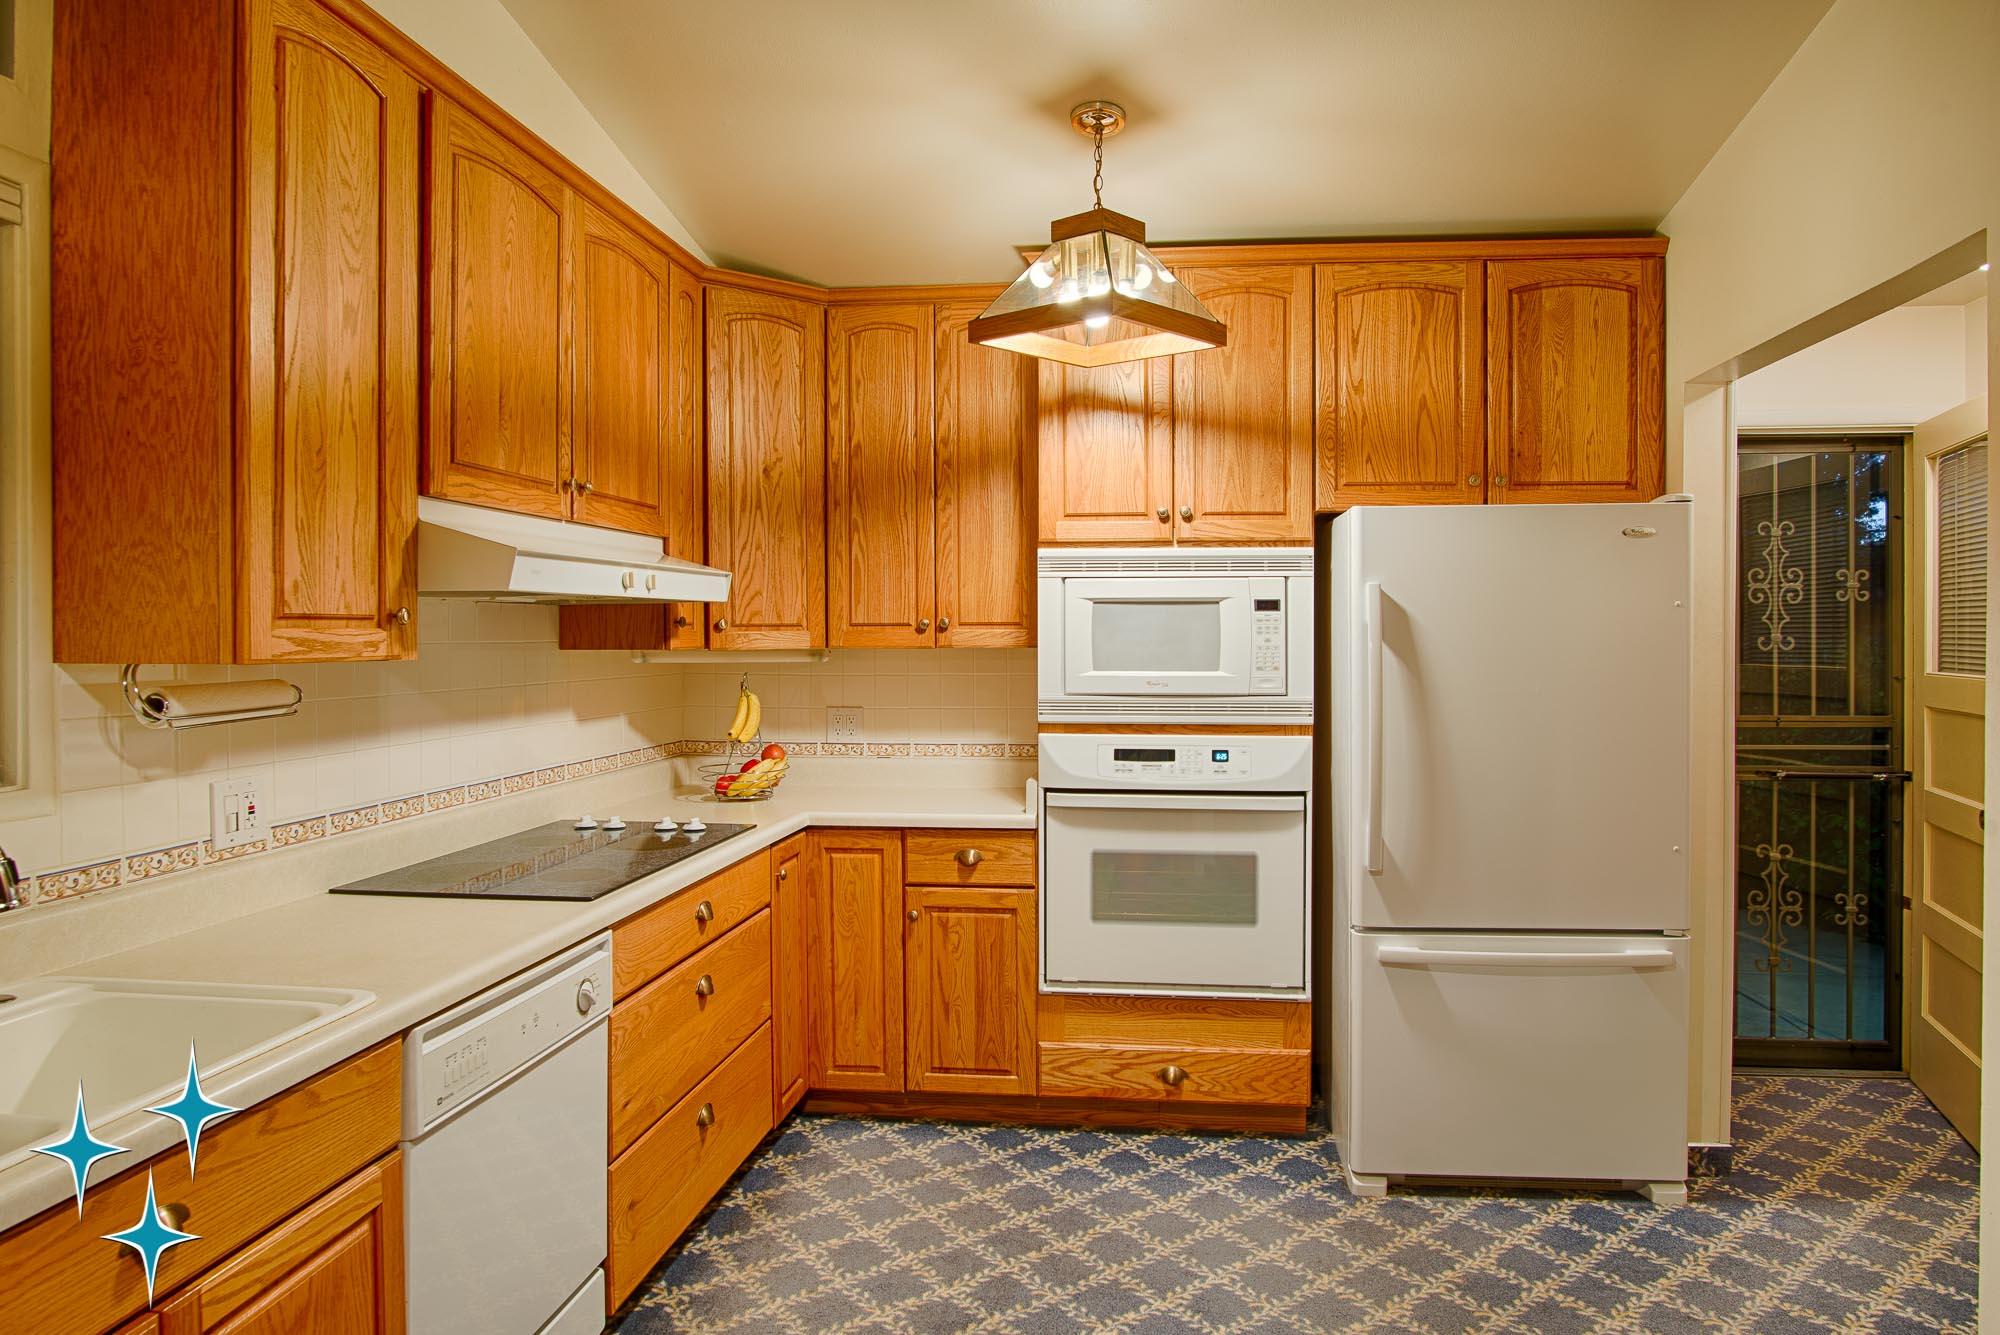 Adrian-Kinney-4155-W-Iliff-Avenue-Denver-r-Carey-Holiday-Home-2000w50-3SWM-14.jpg